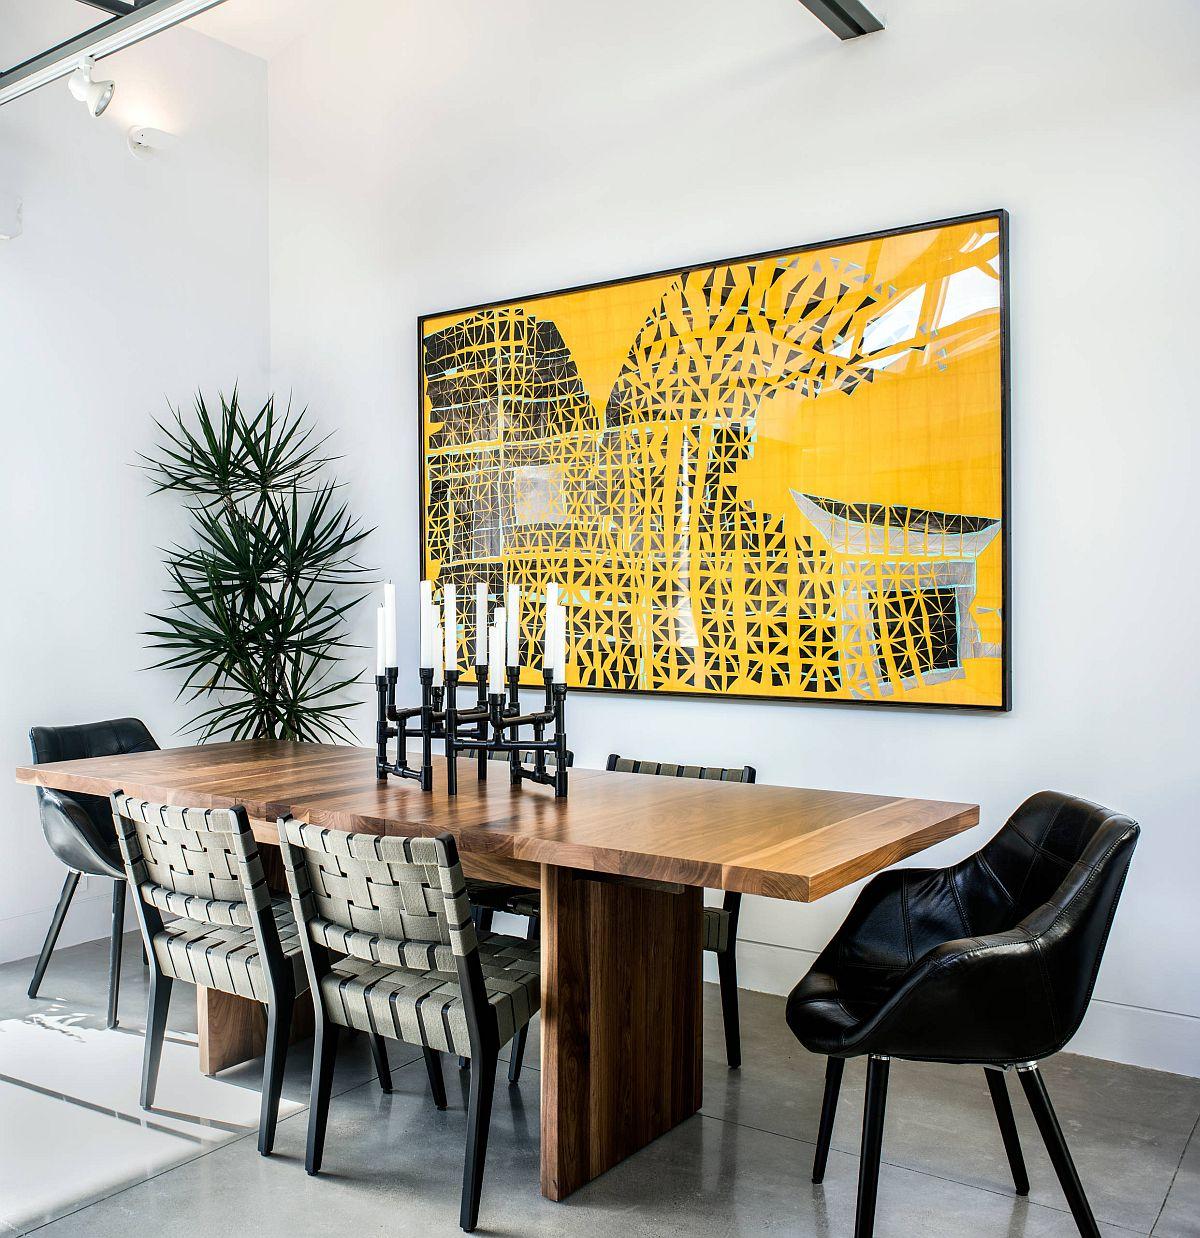 Bức tường nghệ thuật trong phòng ăn này thêm màu vàng tươi sáng cho một không gian đen trắng